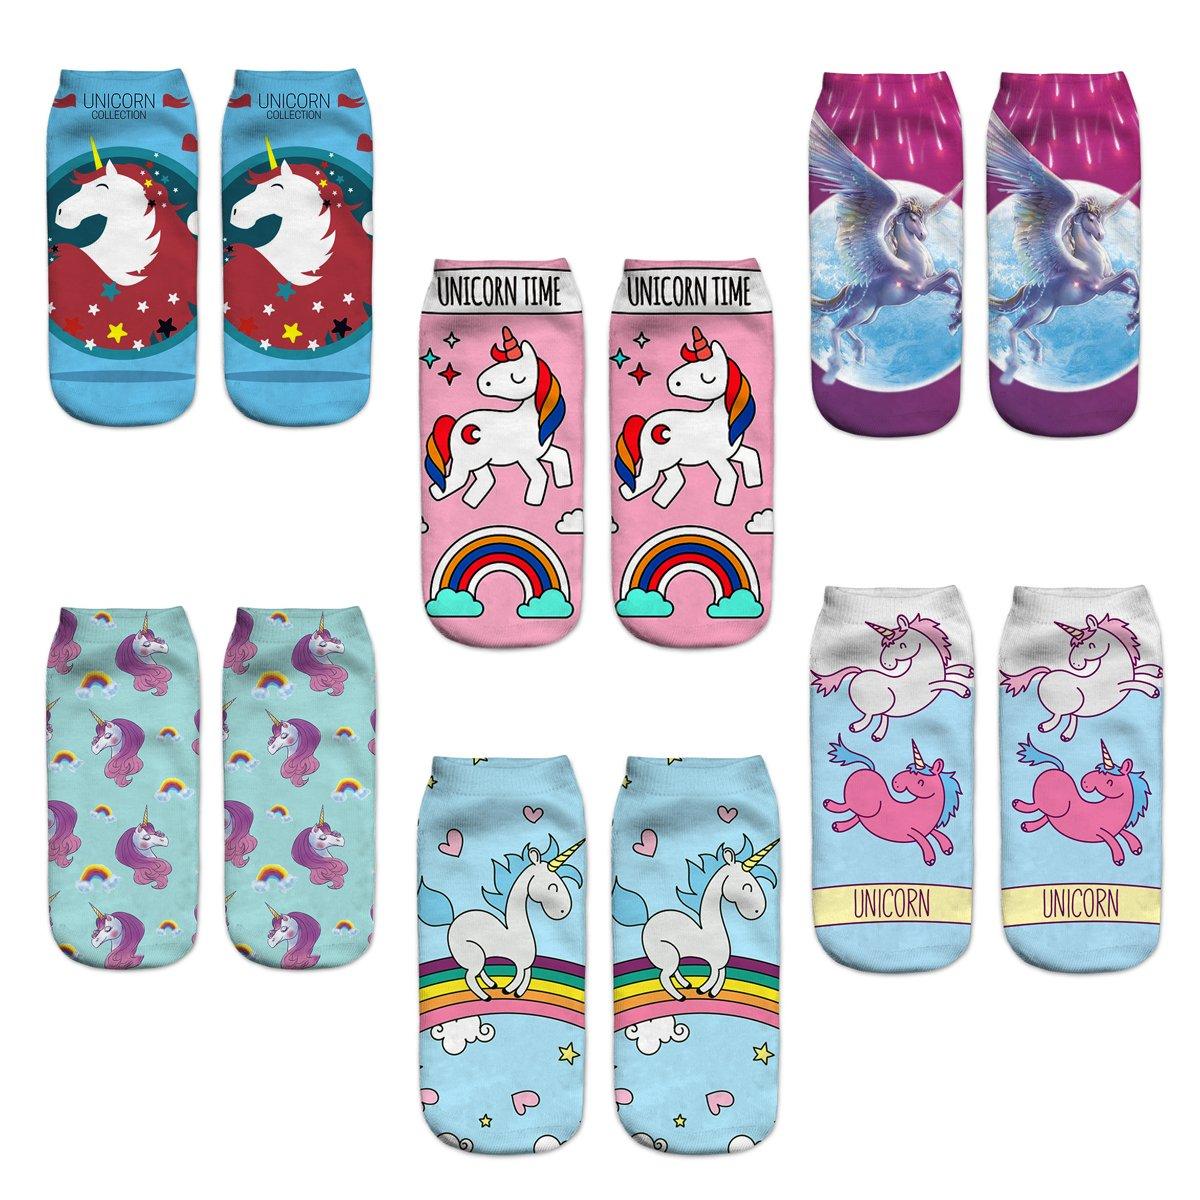 Women Girls Novelty Cute Funny Unicorn Socks Gift Packs